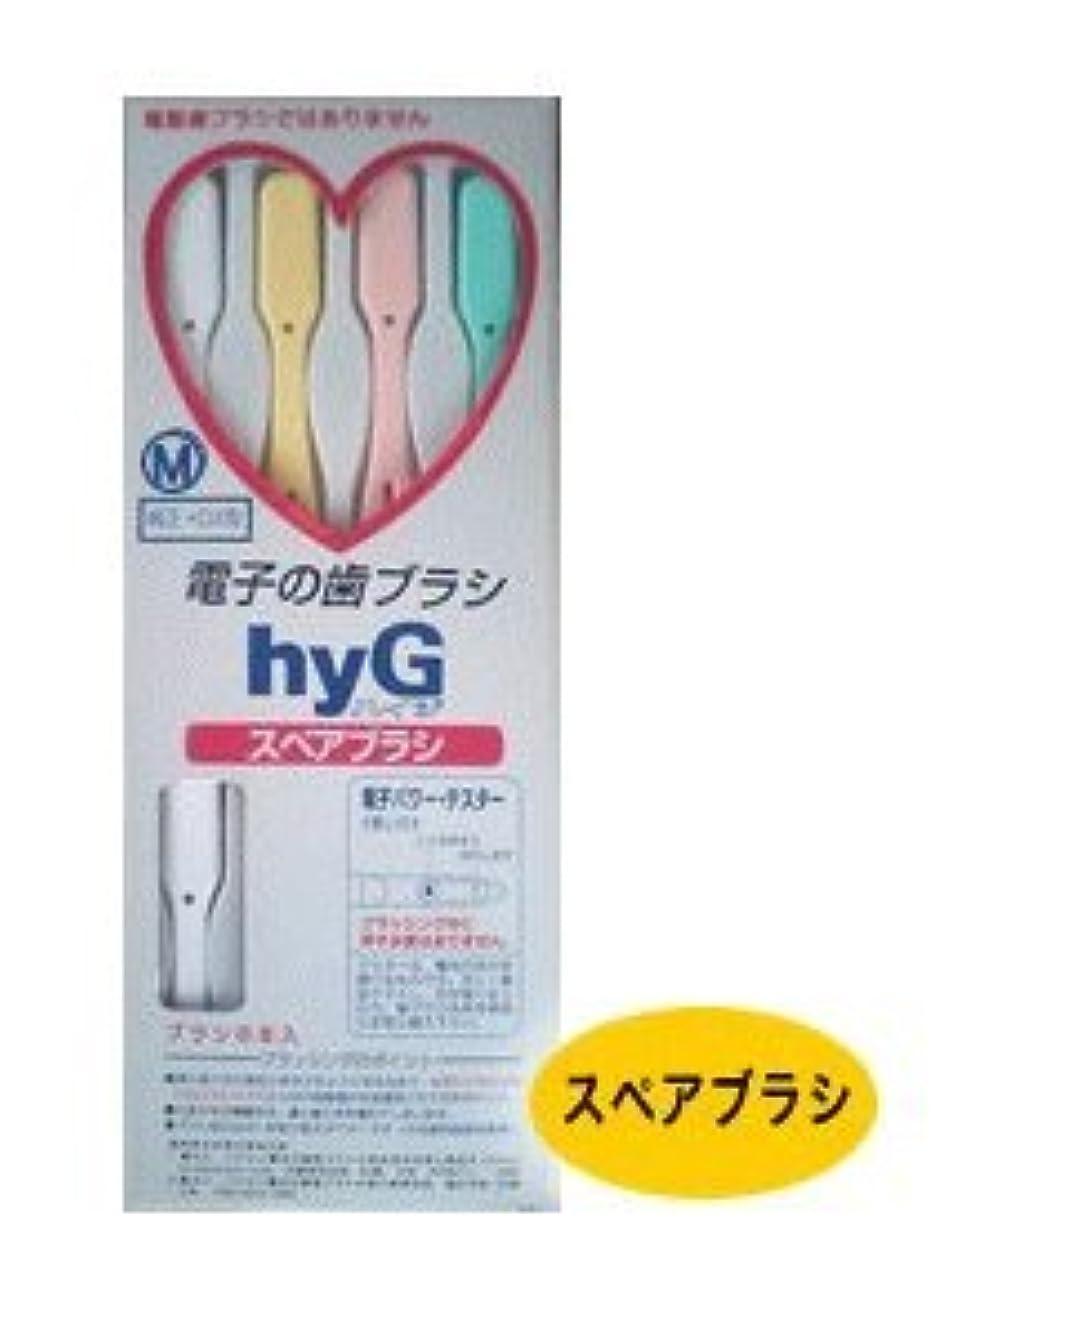 に話す温帯作り電子の歯ブラシ ハイジ(hyG) スペアブラシ M(ミディアム) 【純正?DX型】